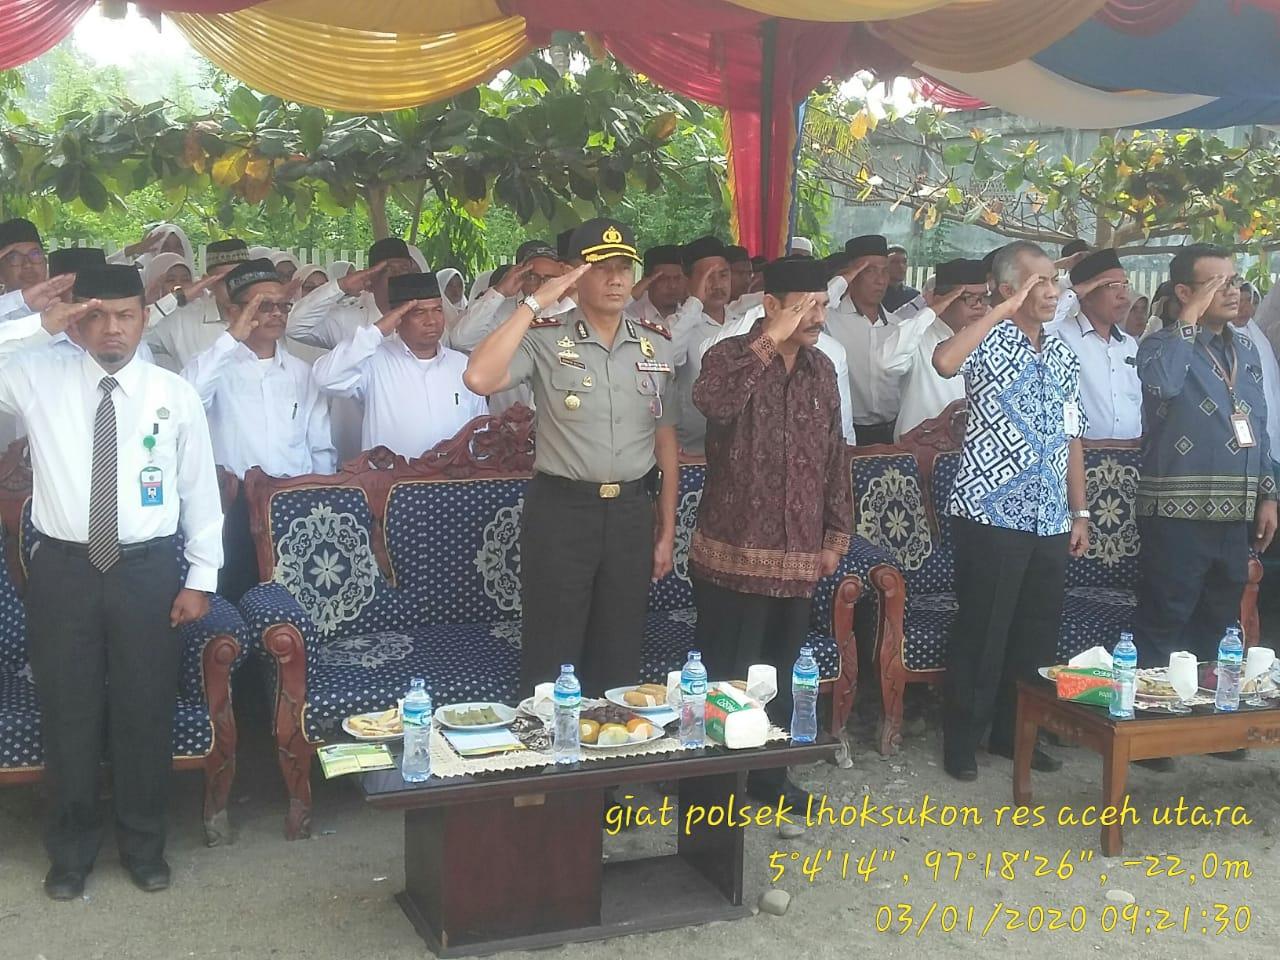 Wakapolres Hadiri Peringatan Hari Amal Bakti ke-74 di Aceh Utara